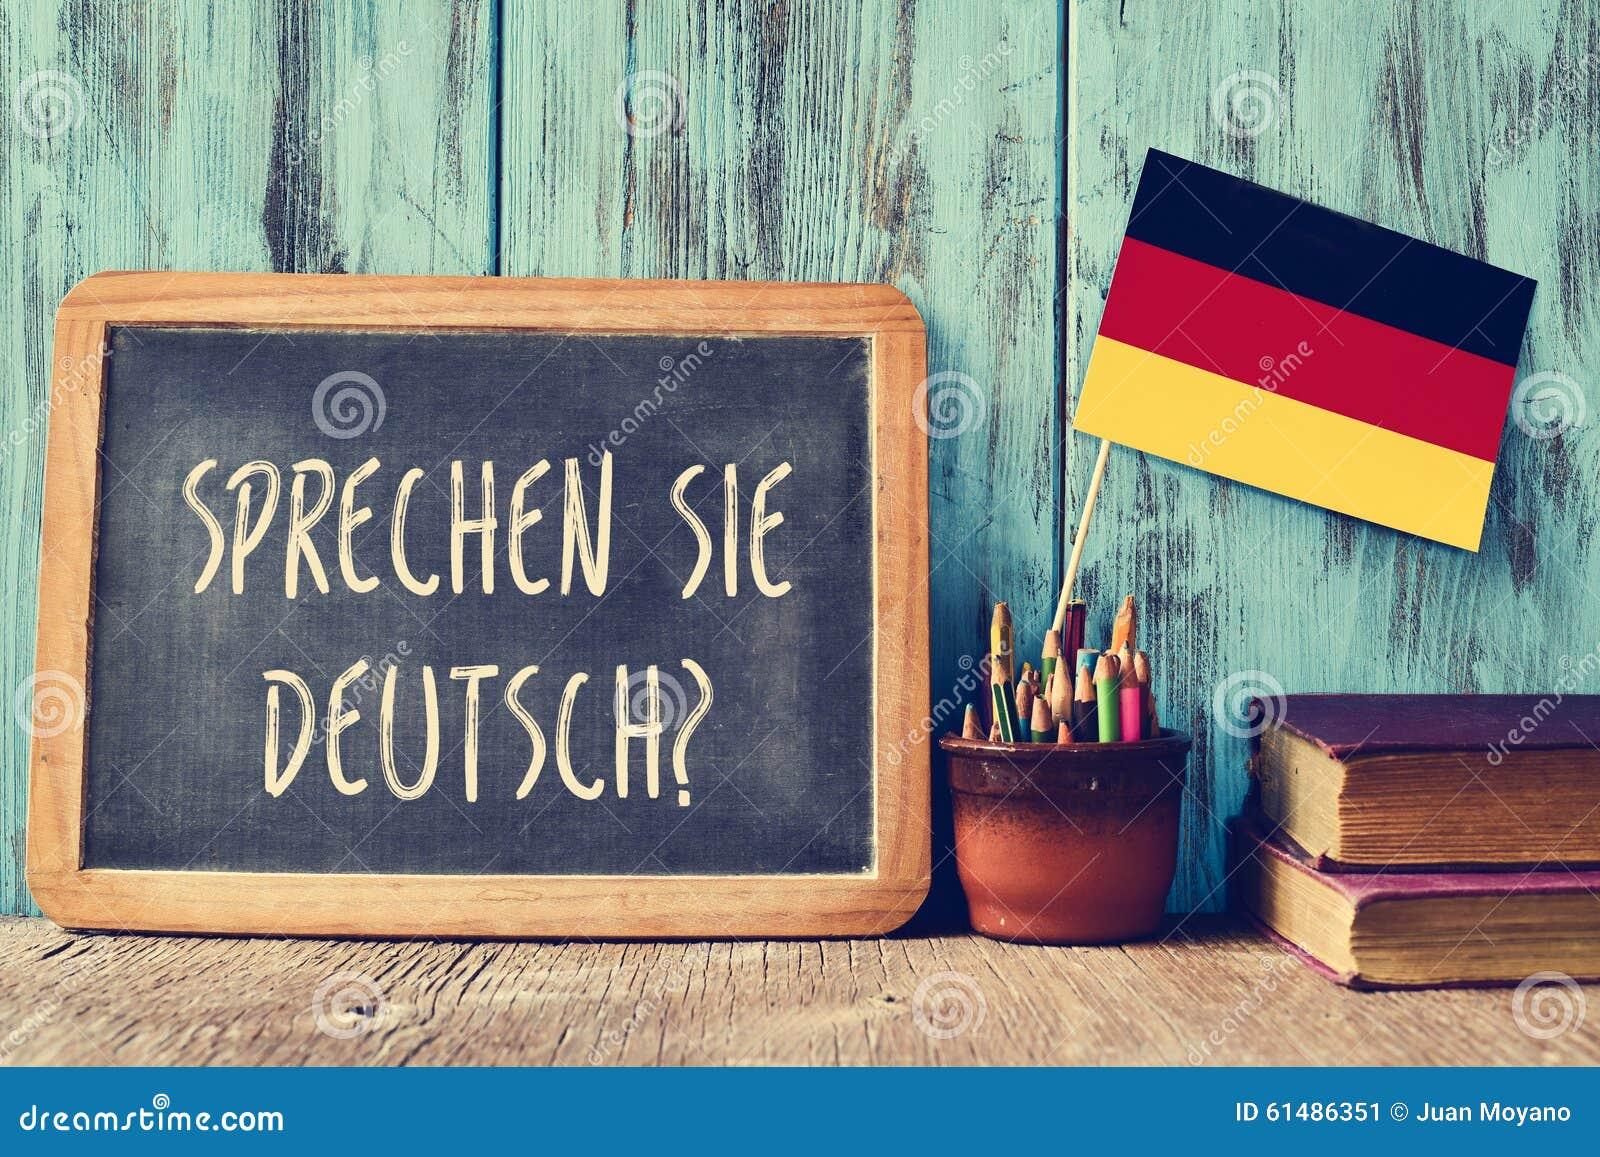 Some Deutsch